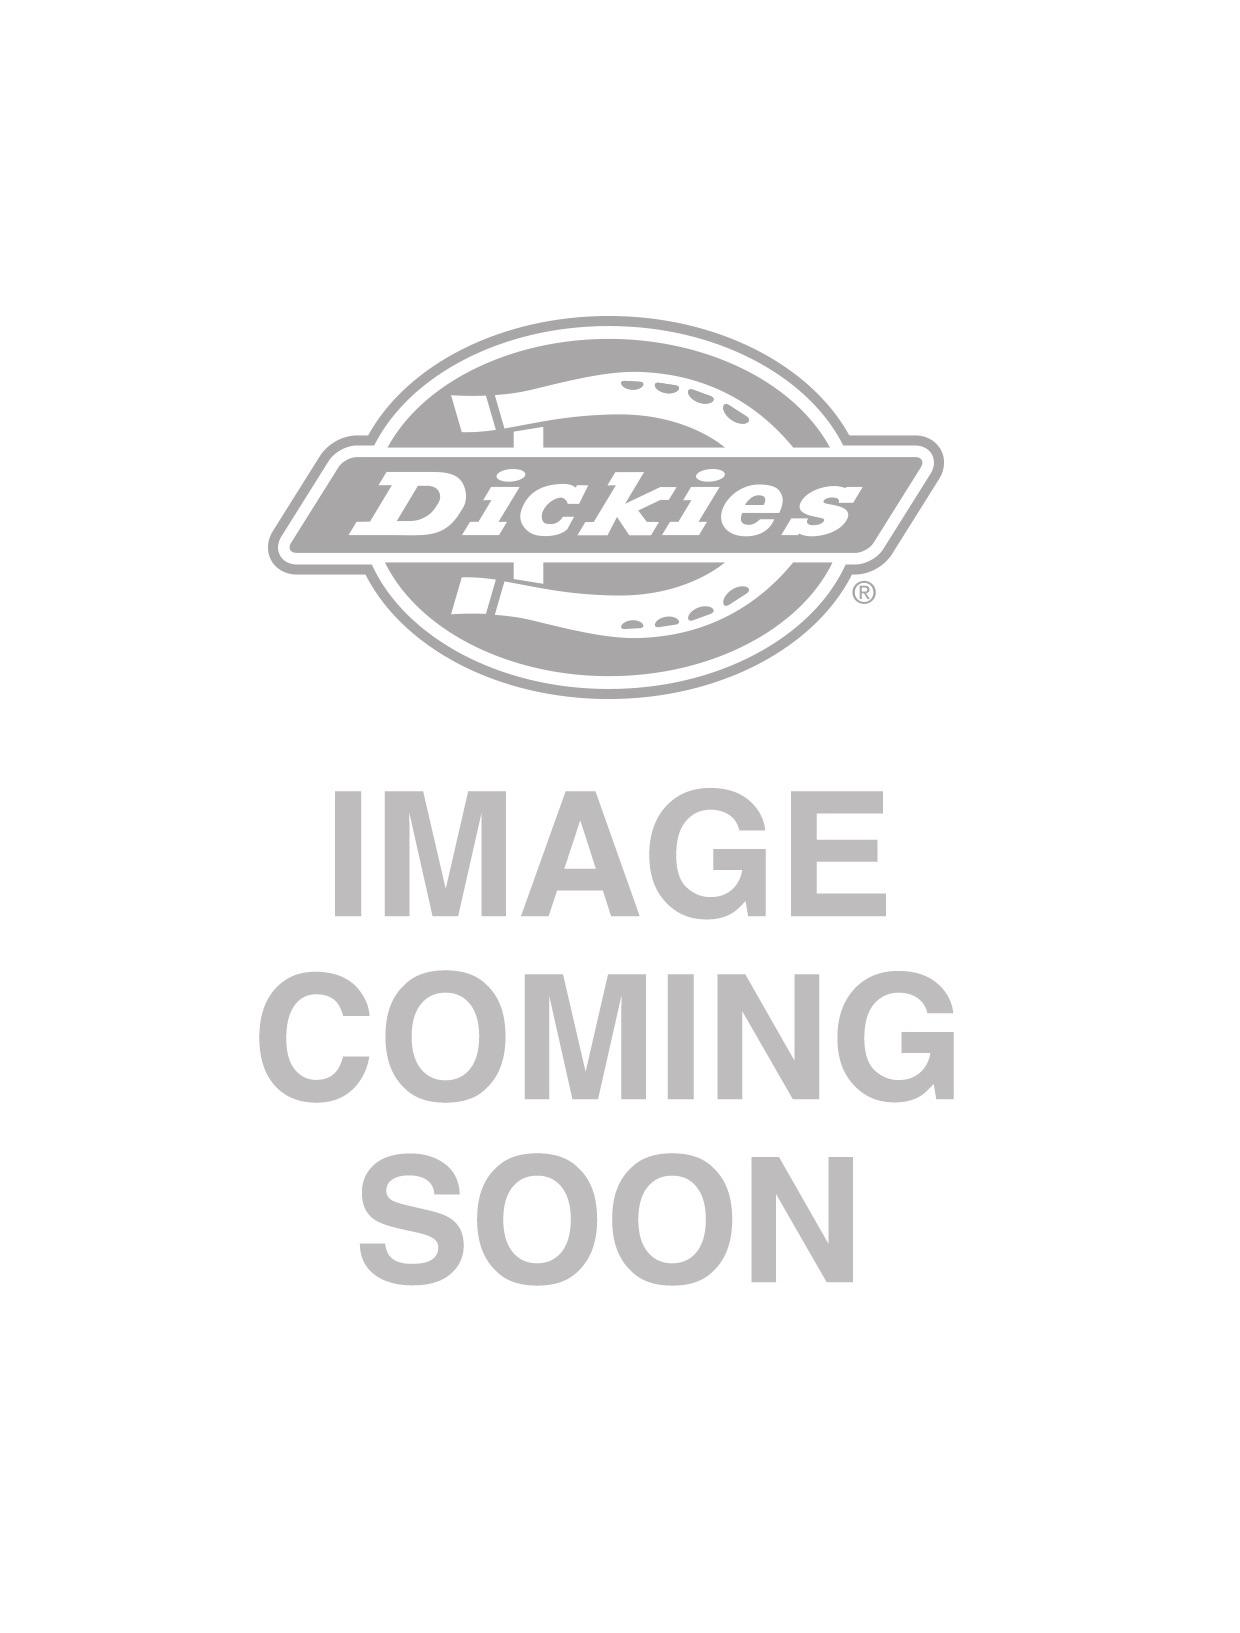 Dickies Long Sleeve Wooton Tee